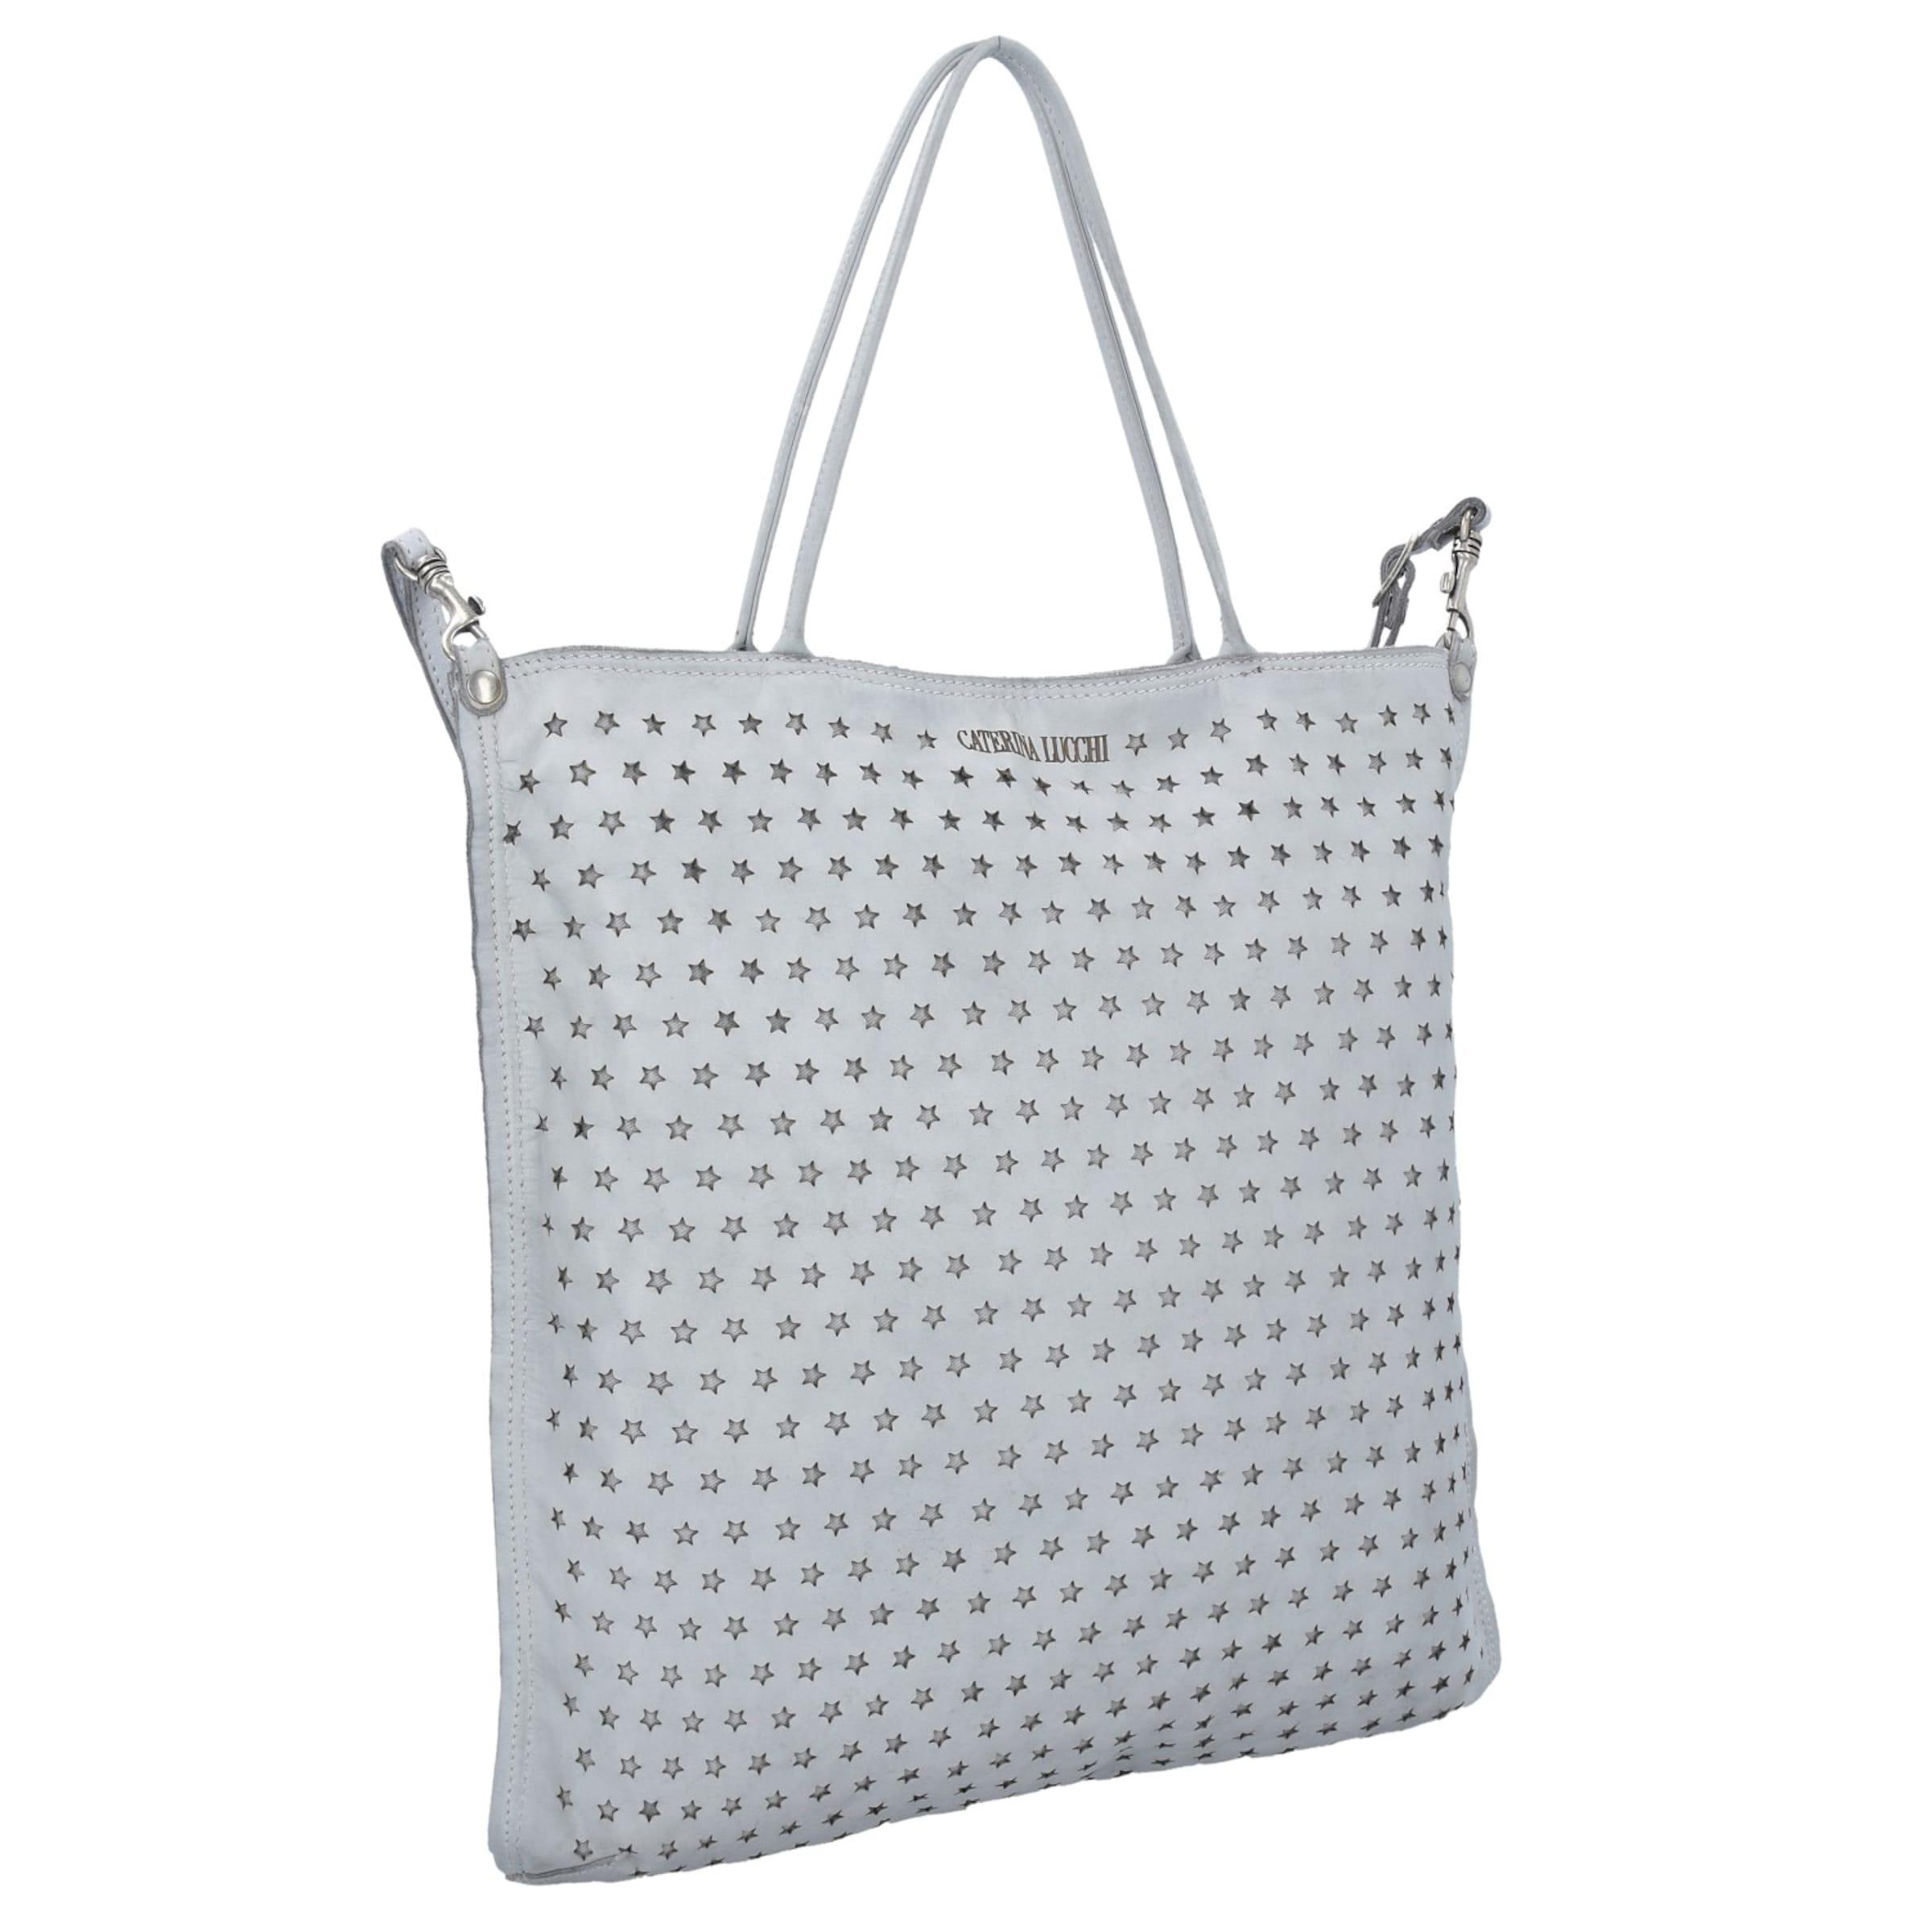 Caterina Lucchi Shopper Tasche Leder 40 cm Freies Verschiffen Heißen Verkauf Dsb6R